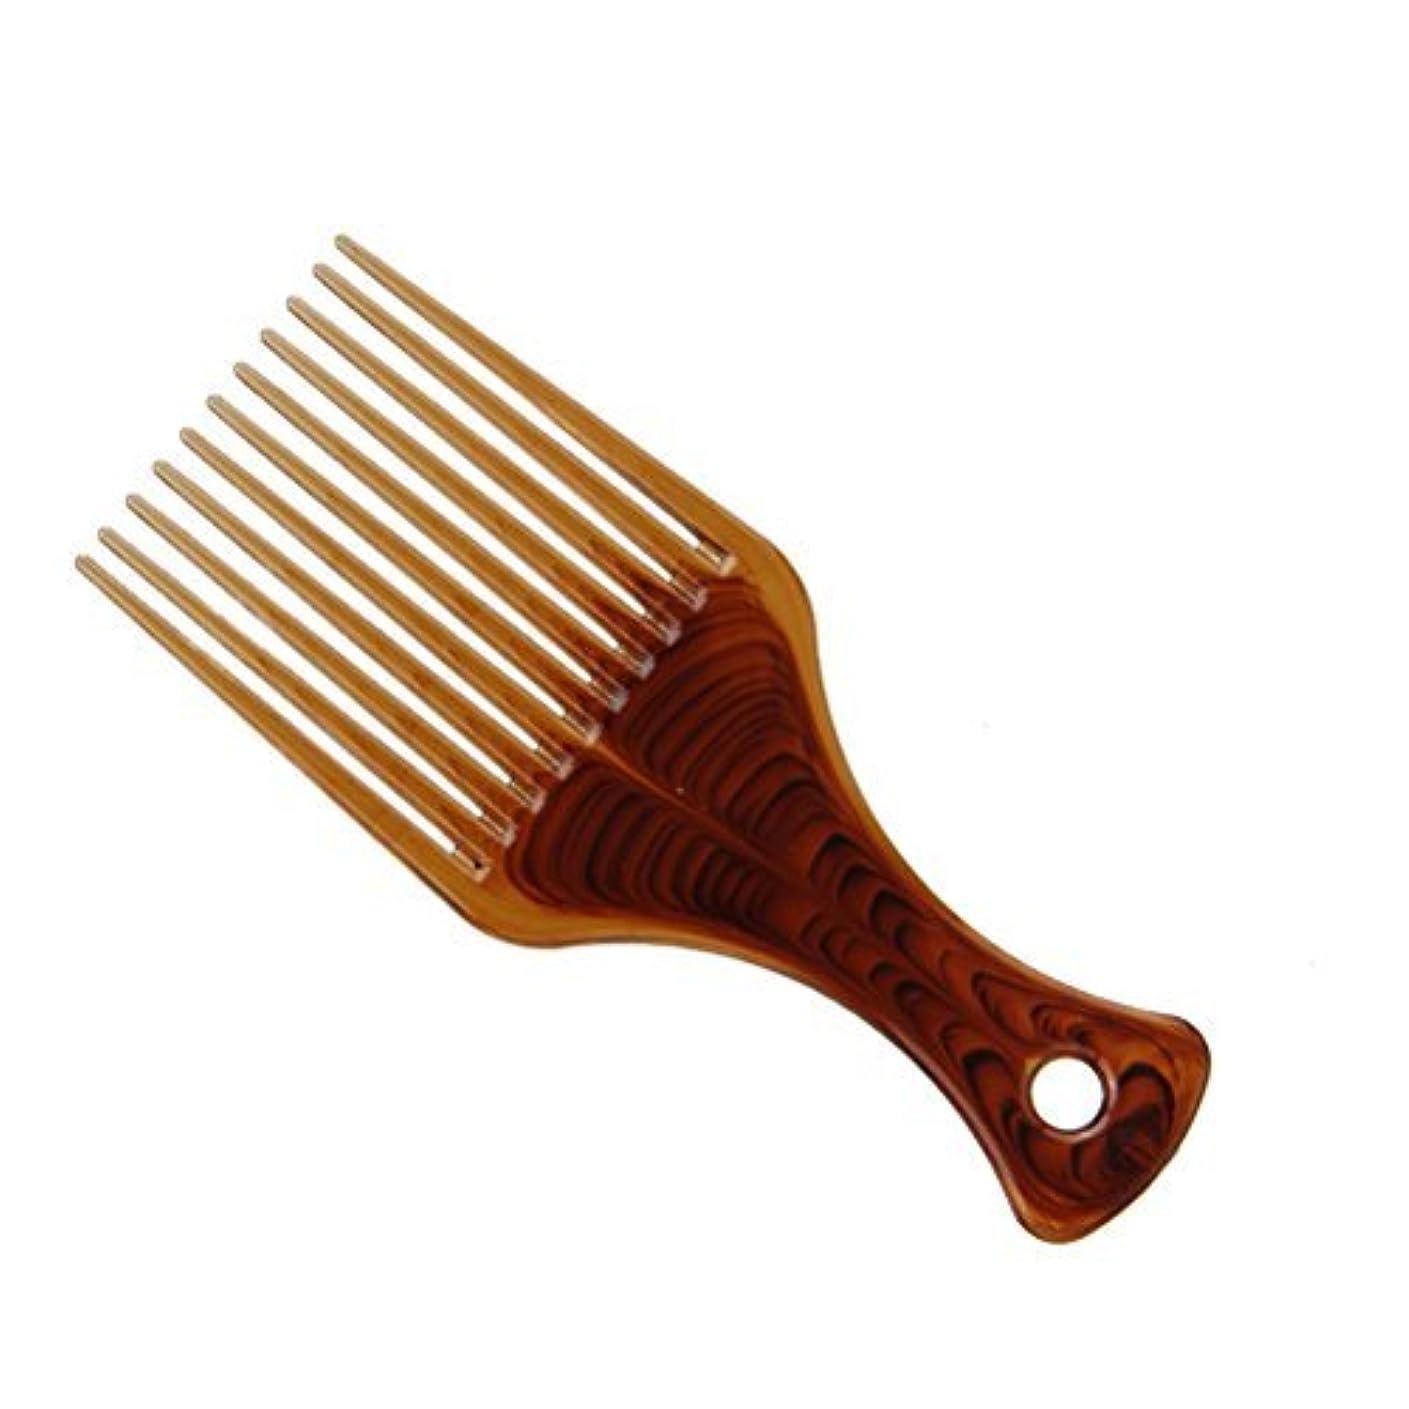 アドバイス膿瘍みすぼらしいFrcolor Hair Pick Comb, Smooth No Frizz Afro Hair Lift Pick Comb for Hairstyle [並行輸入品]